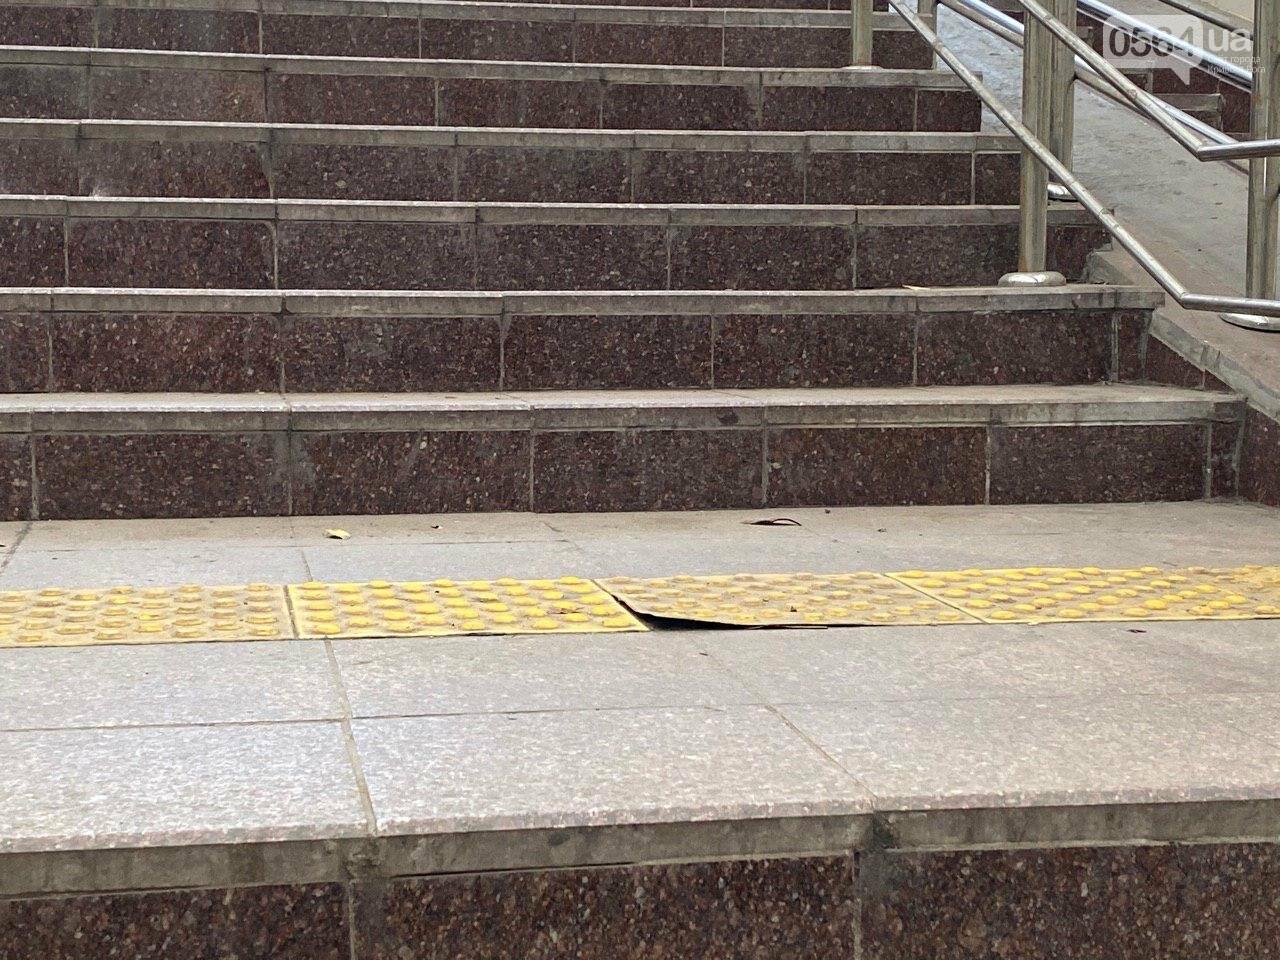 В Кривом Роге отклеилась тактильная плитка в подземном переходе, - ФОТО , фото-6